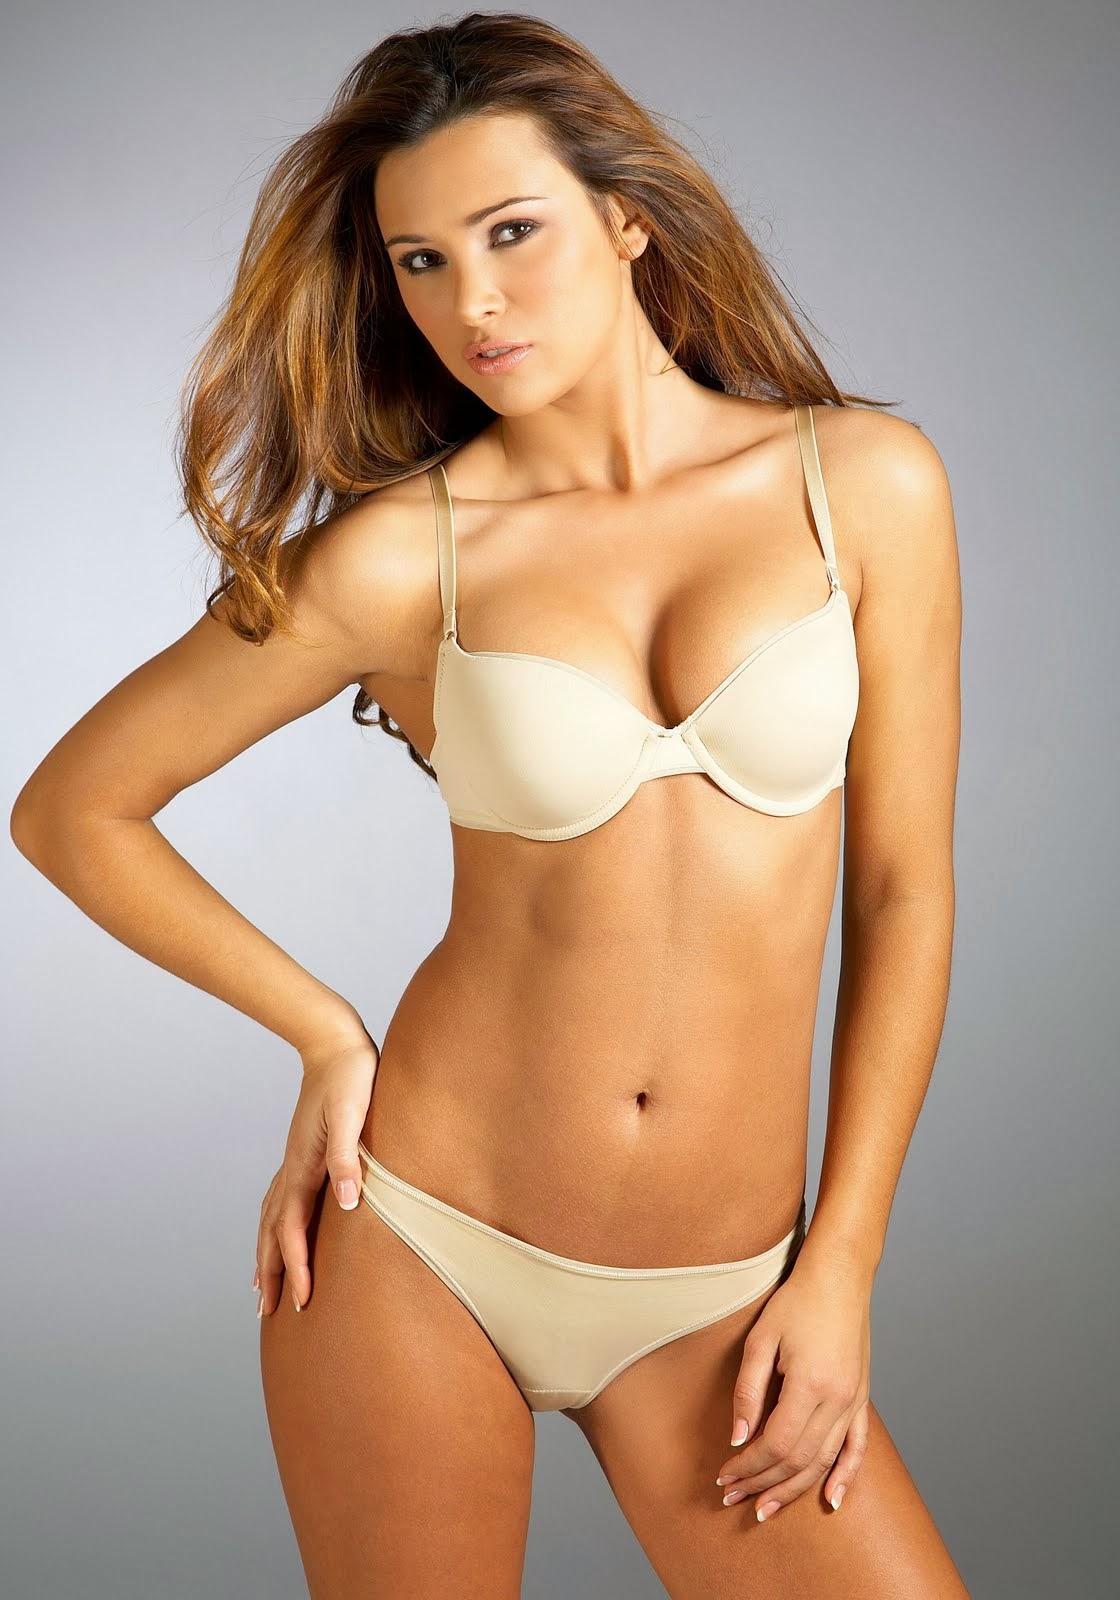 Most beautyfull pornstar